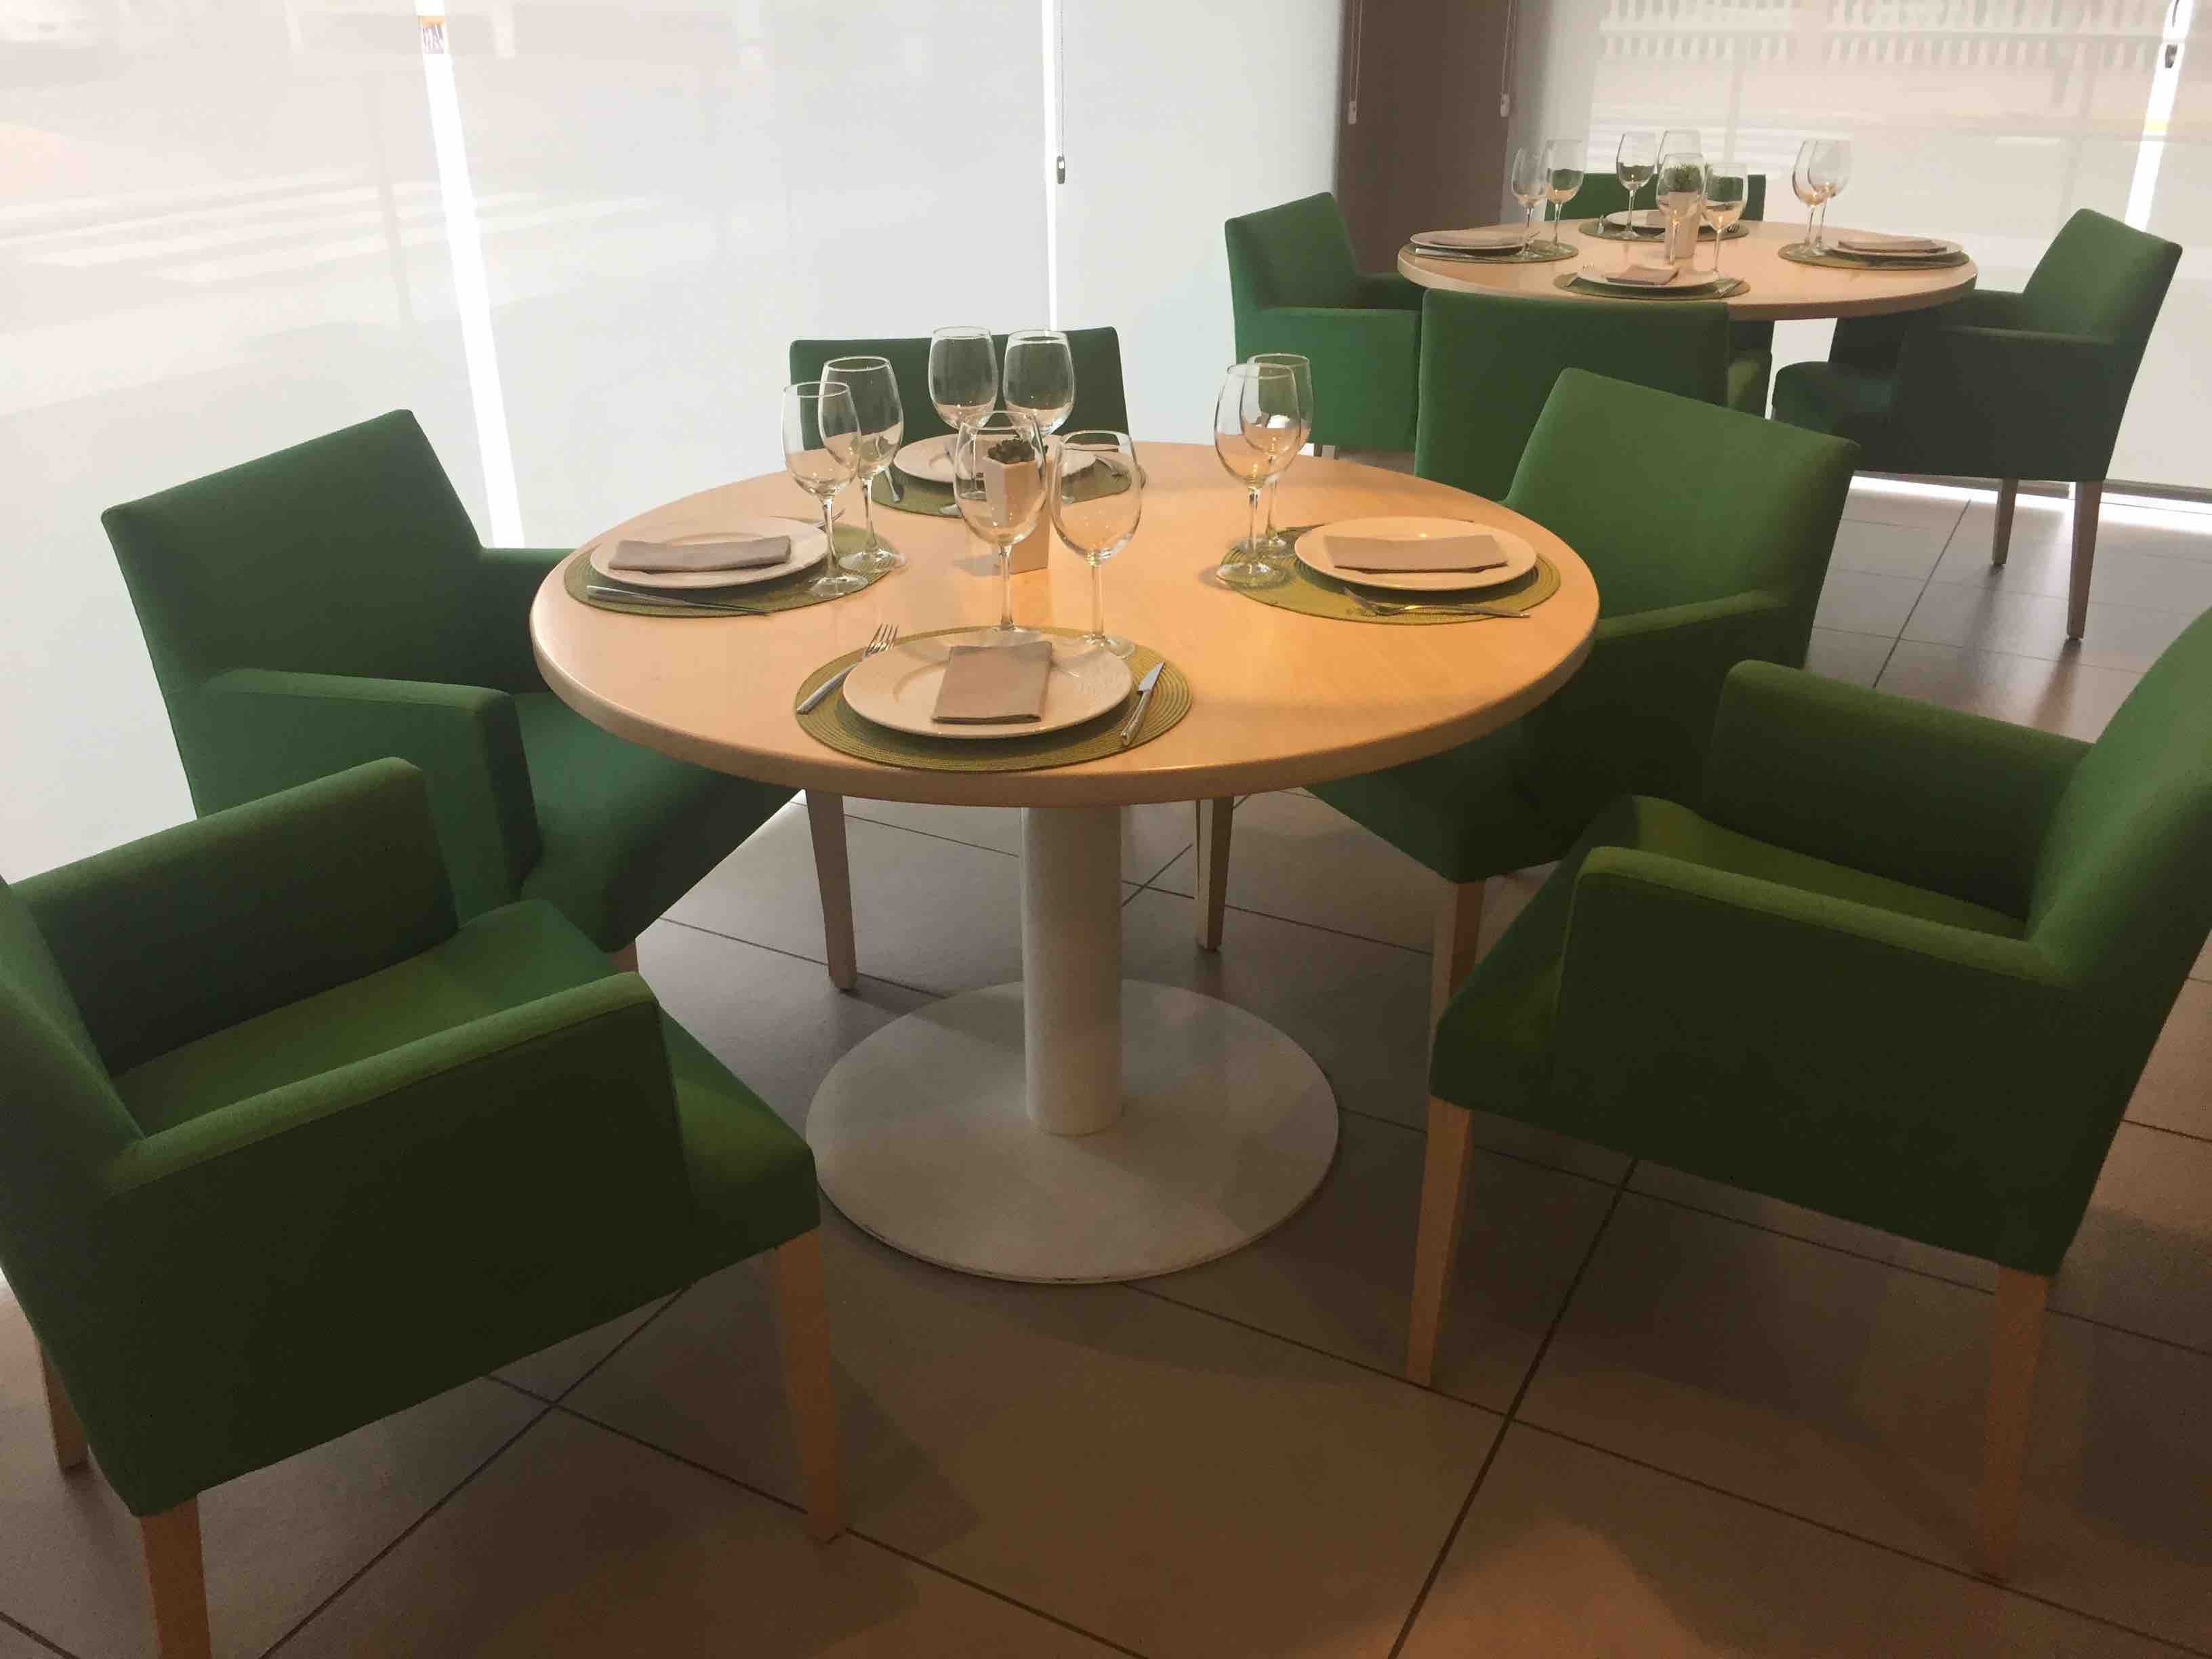 Pie de mesa redonda Ginebra. Mobiliario interior para hostelería.